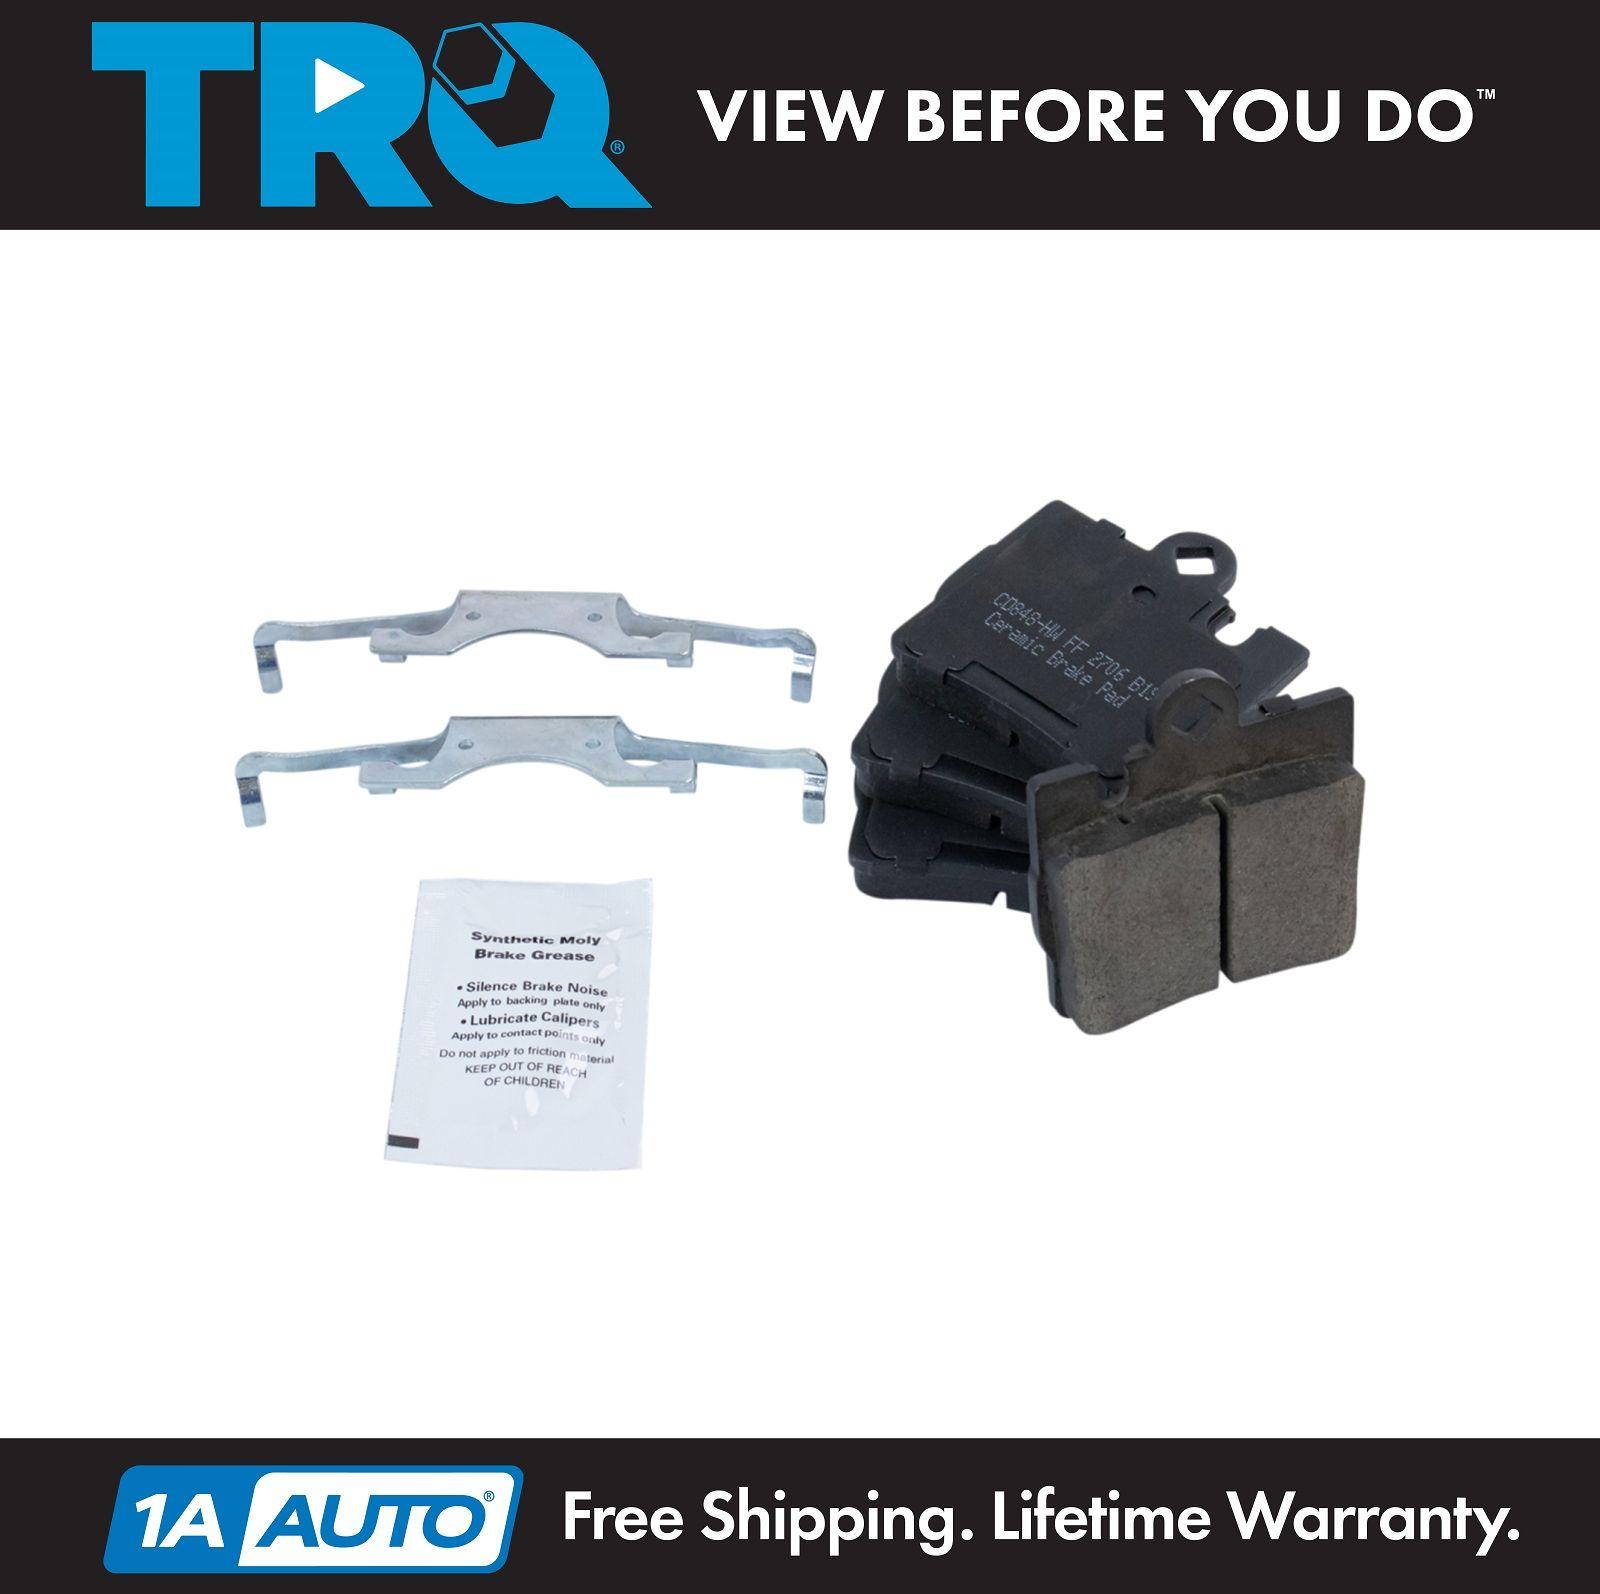 TRQ Front /& Rear Premium Posi Ceramic Disc Brake Pad Kit for Acura TL CL